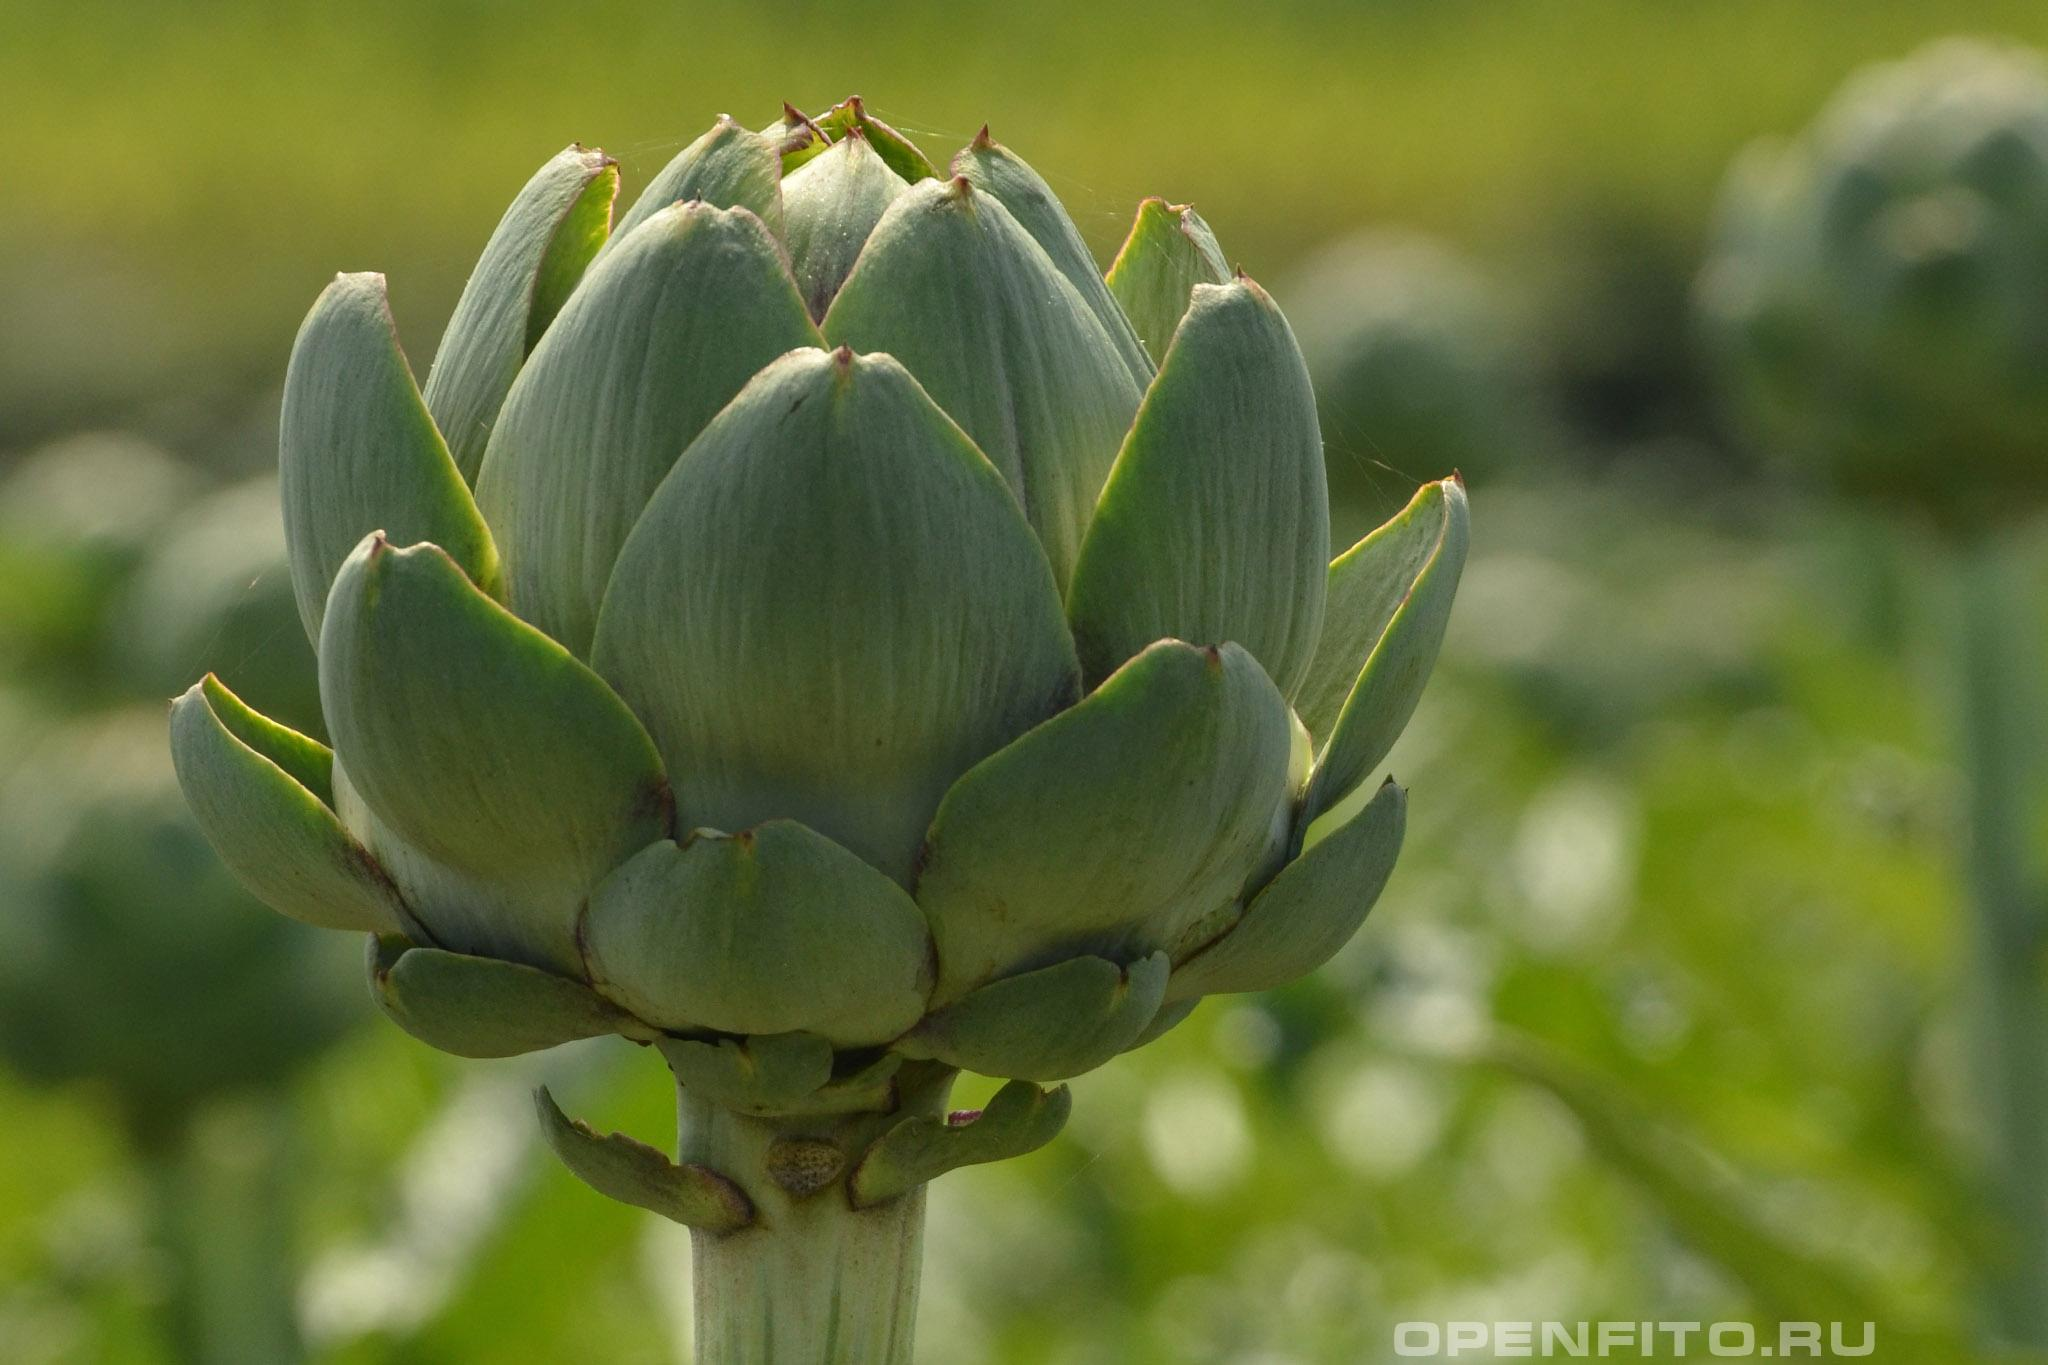 Артишок посевной бутон растения, именно эта часть растения употребляется в пищу